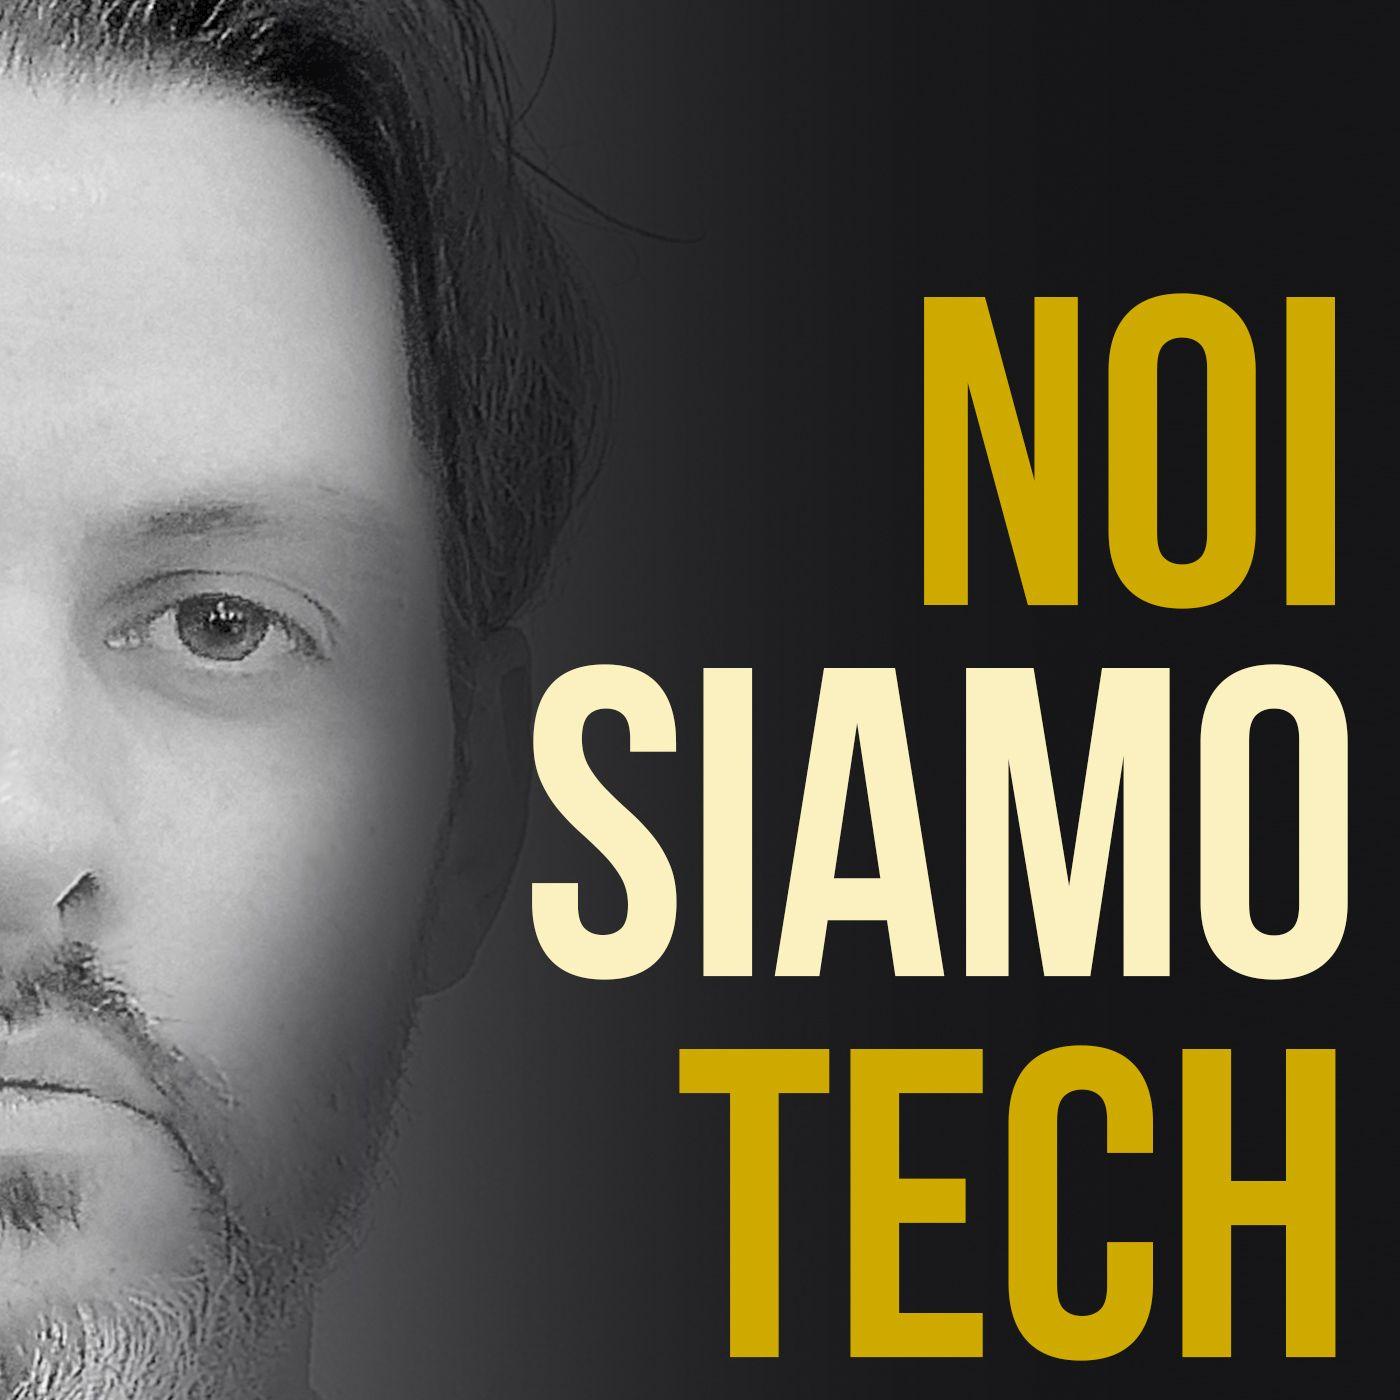 b39ad61e62cb6e4ea749d96d14631592 5 nuovi Podcast italiani di Tecnologia